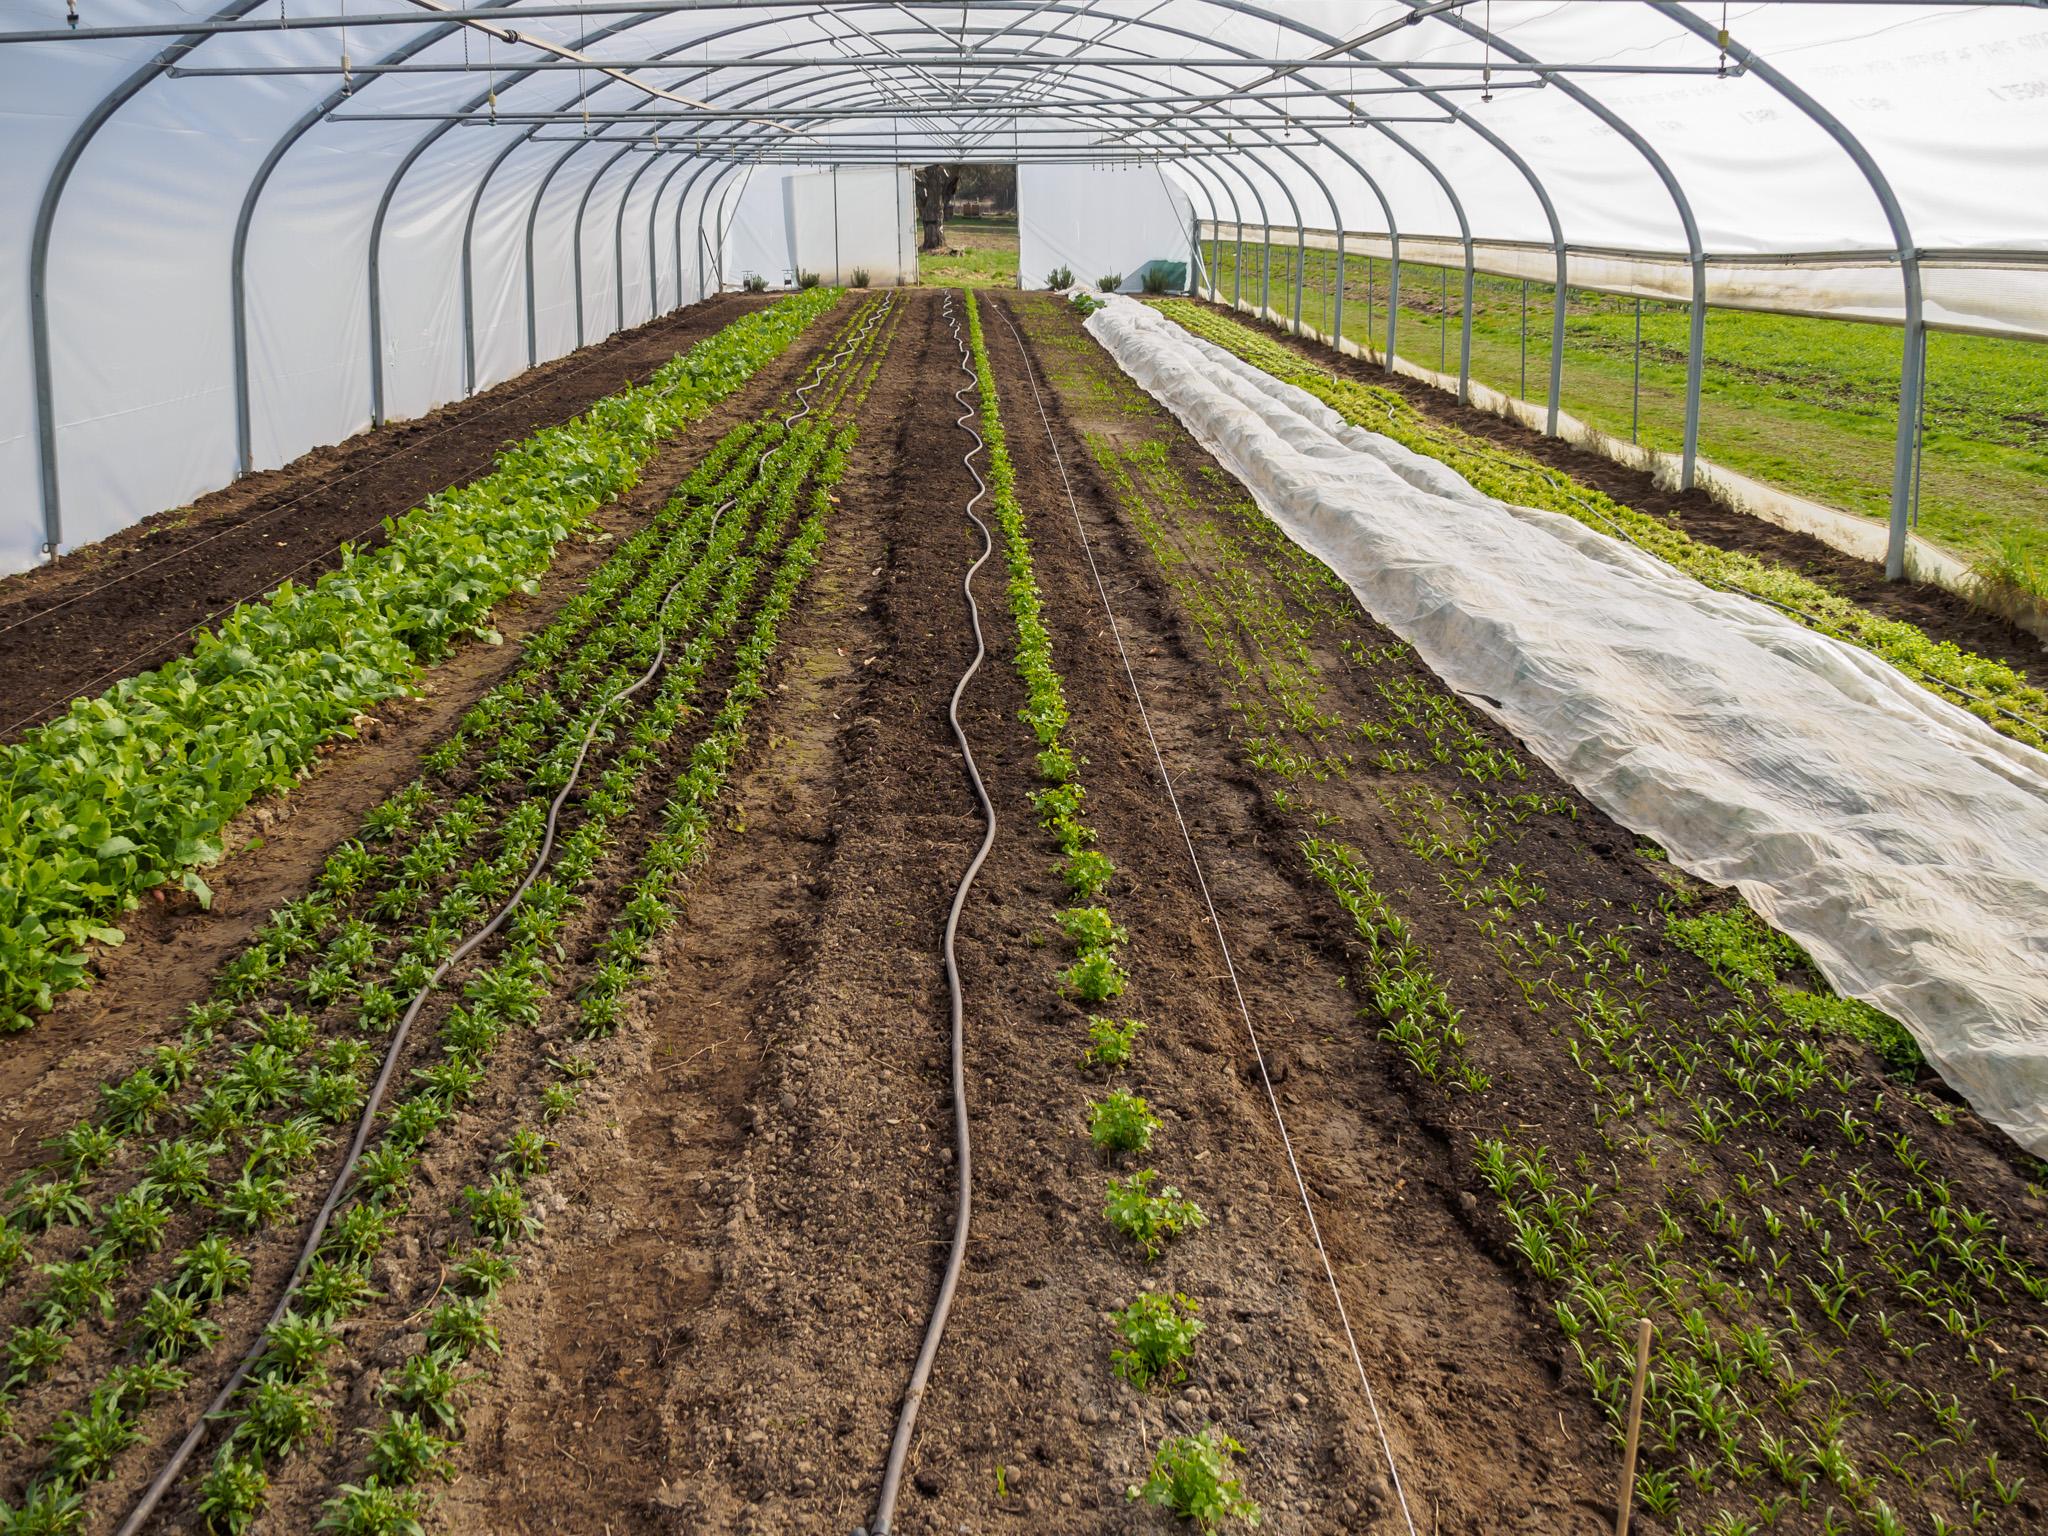 MK_Folientunnel mit Salat Frühjahr